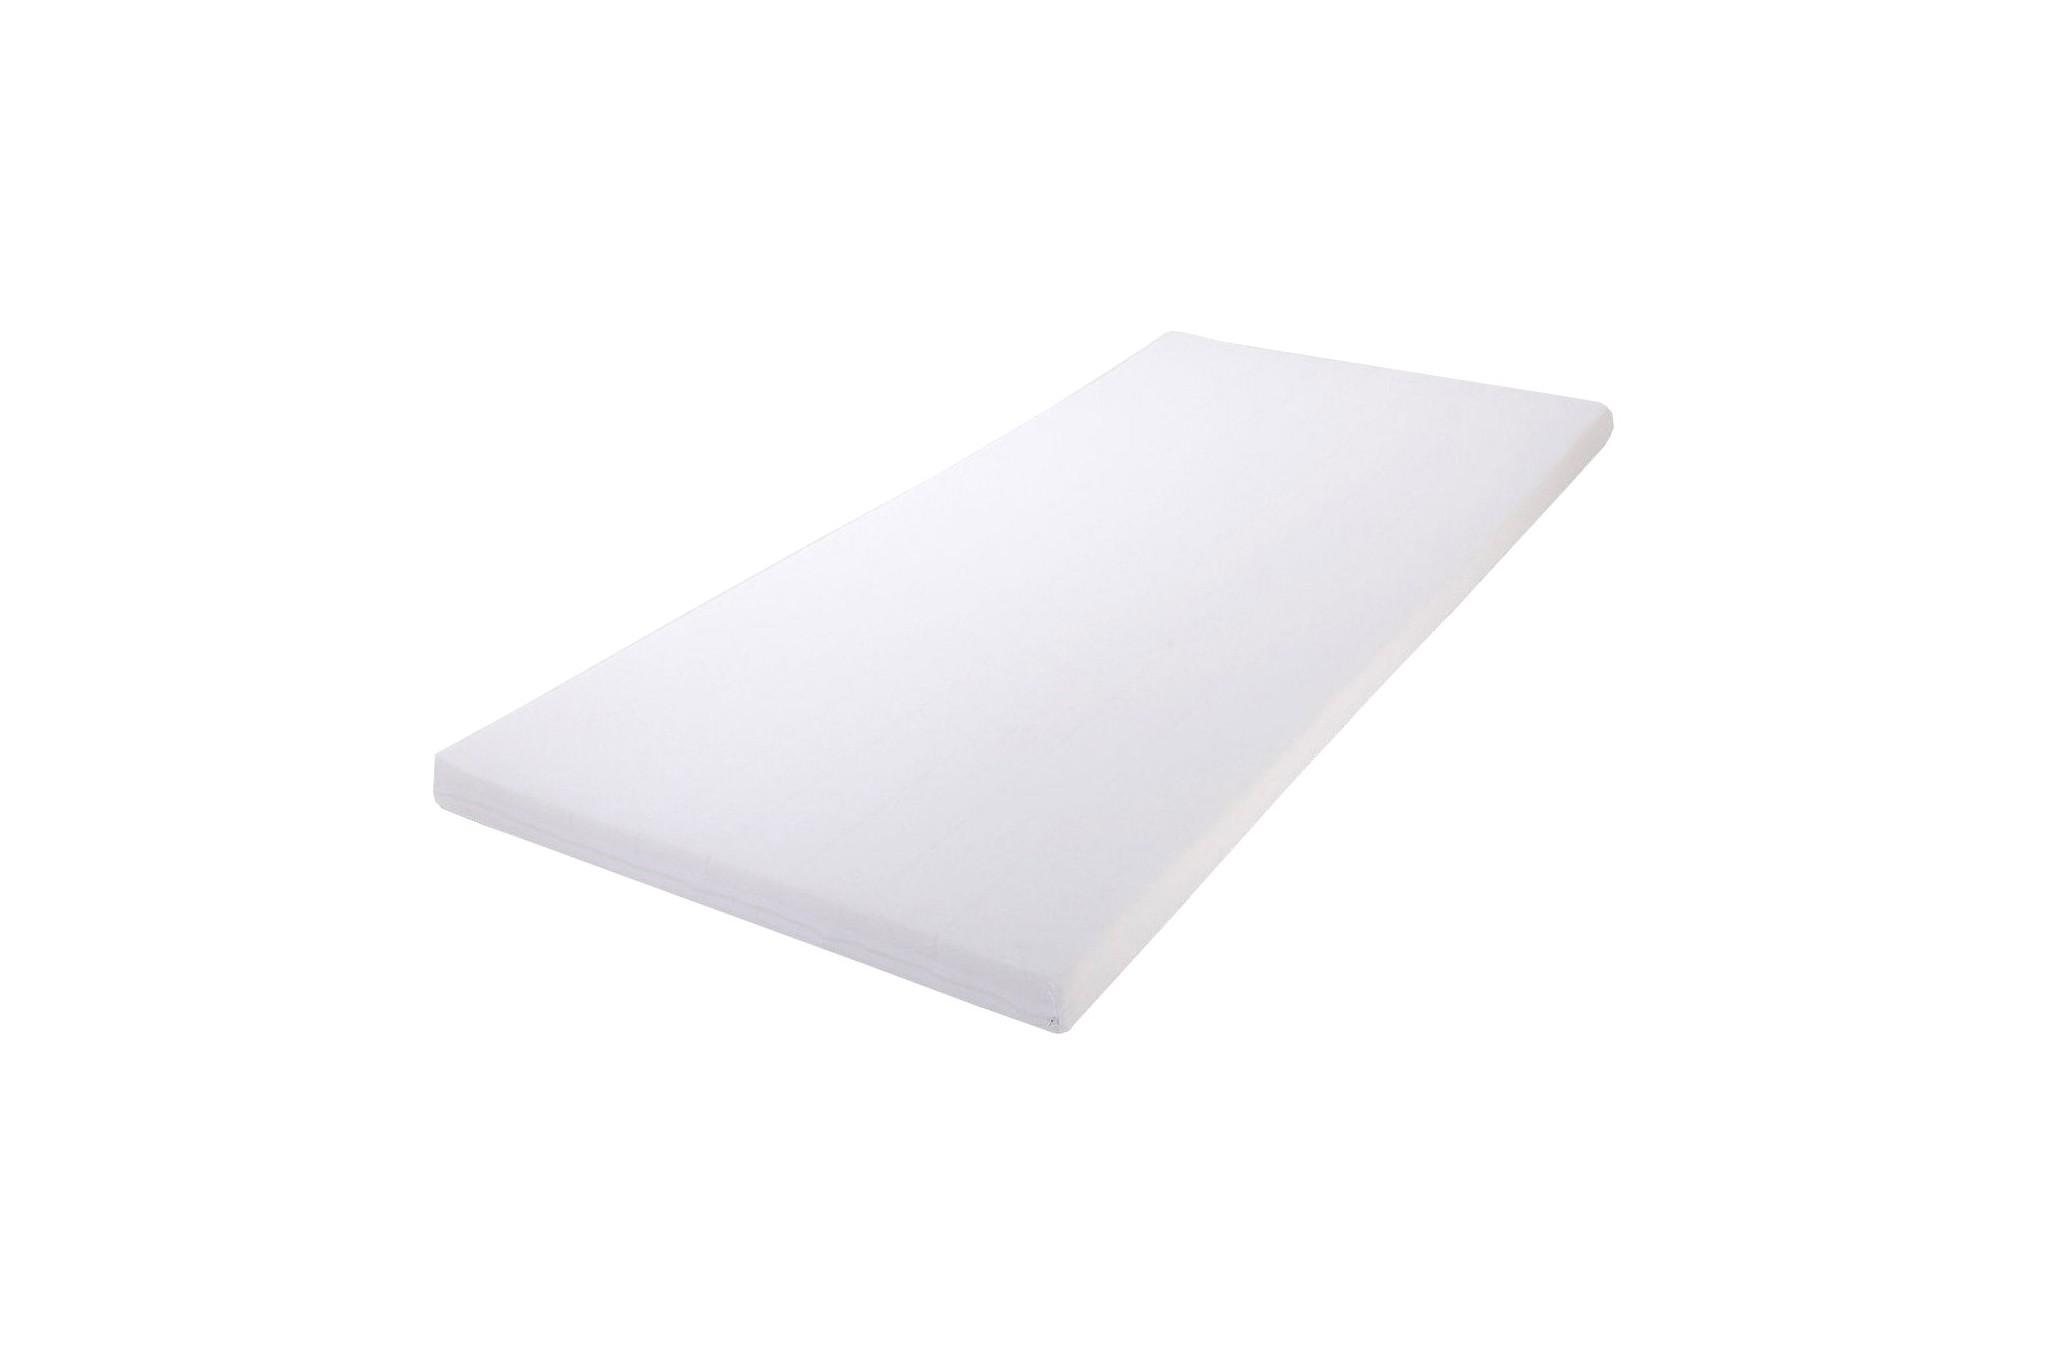 Best For You - Comfort EASY Matratze Gr. von 60x120x9 bis 200x200x9 cm aus TÜV geprüftem Schaumstoff, ideal für Gästebetten und